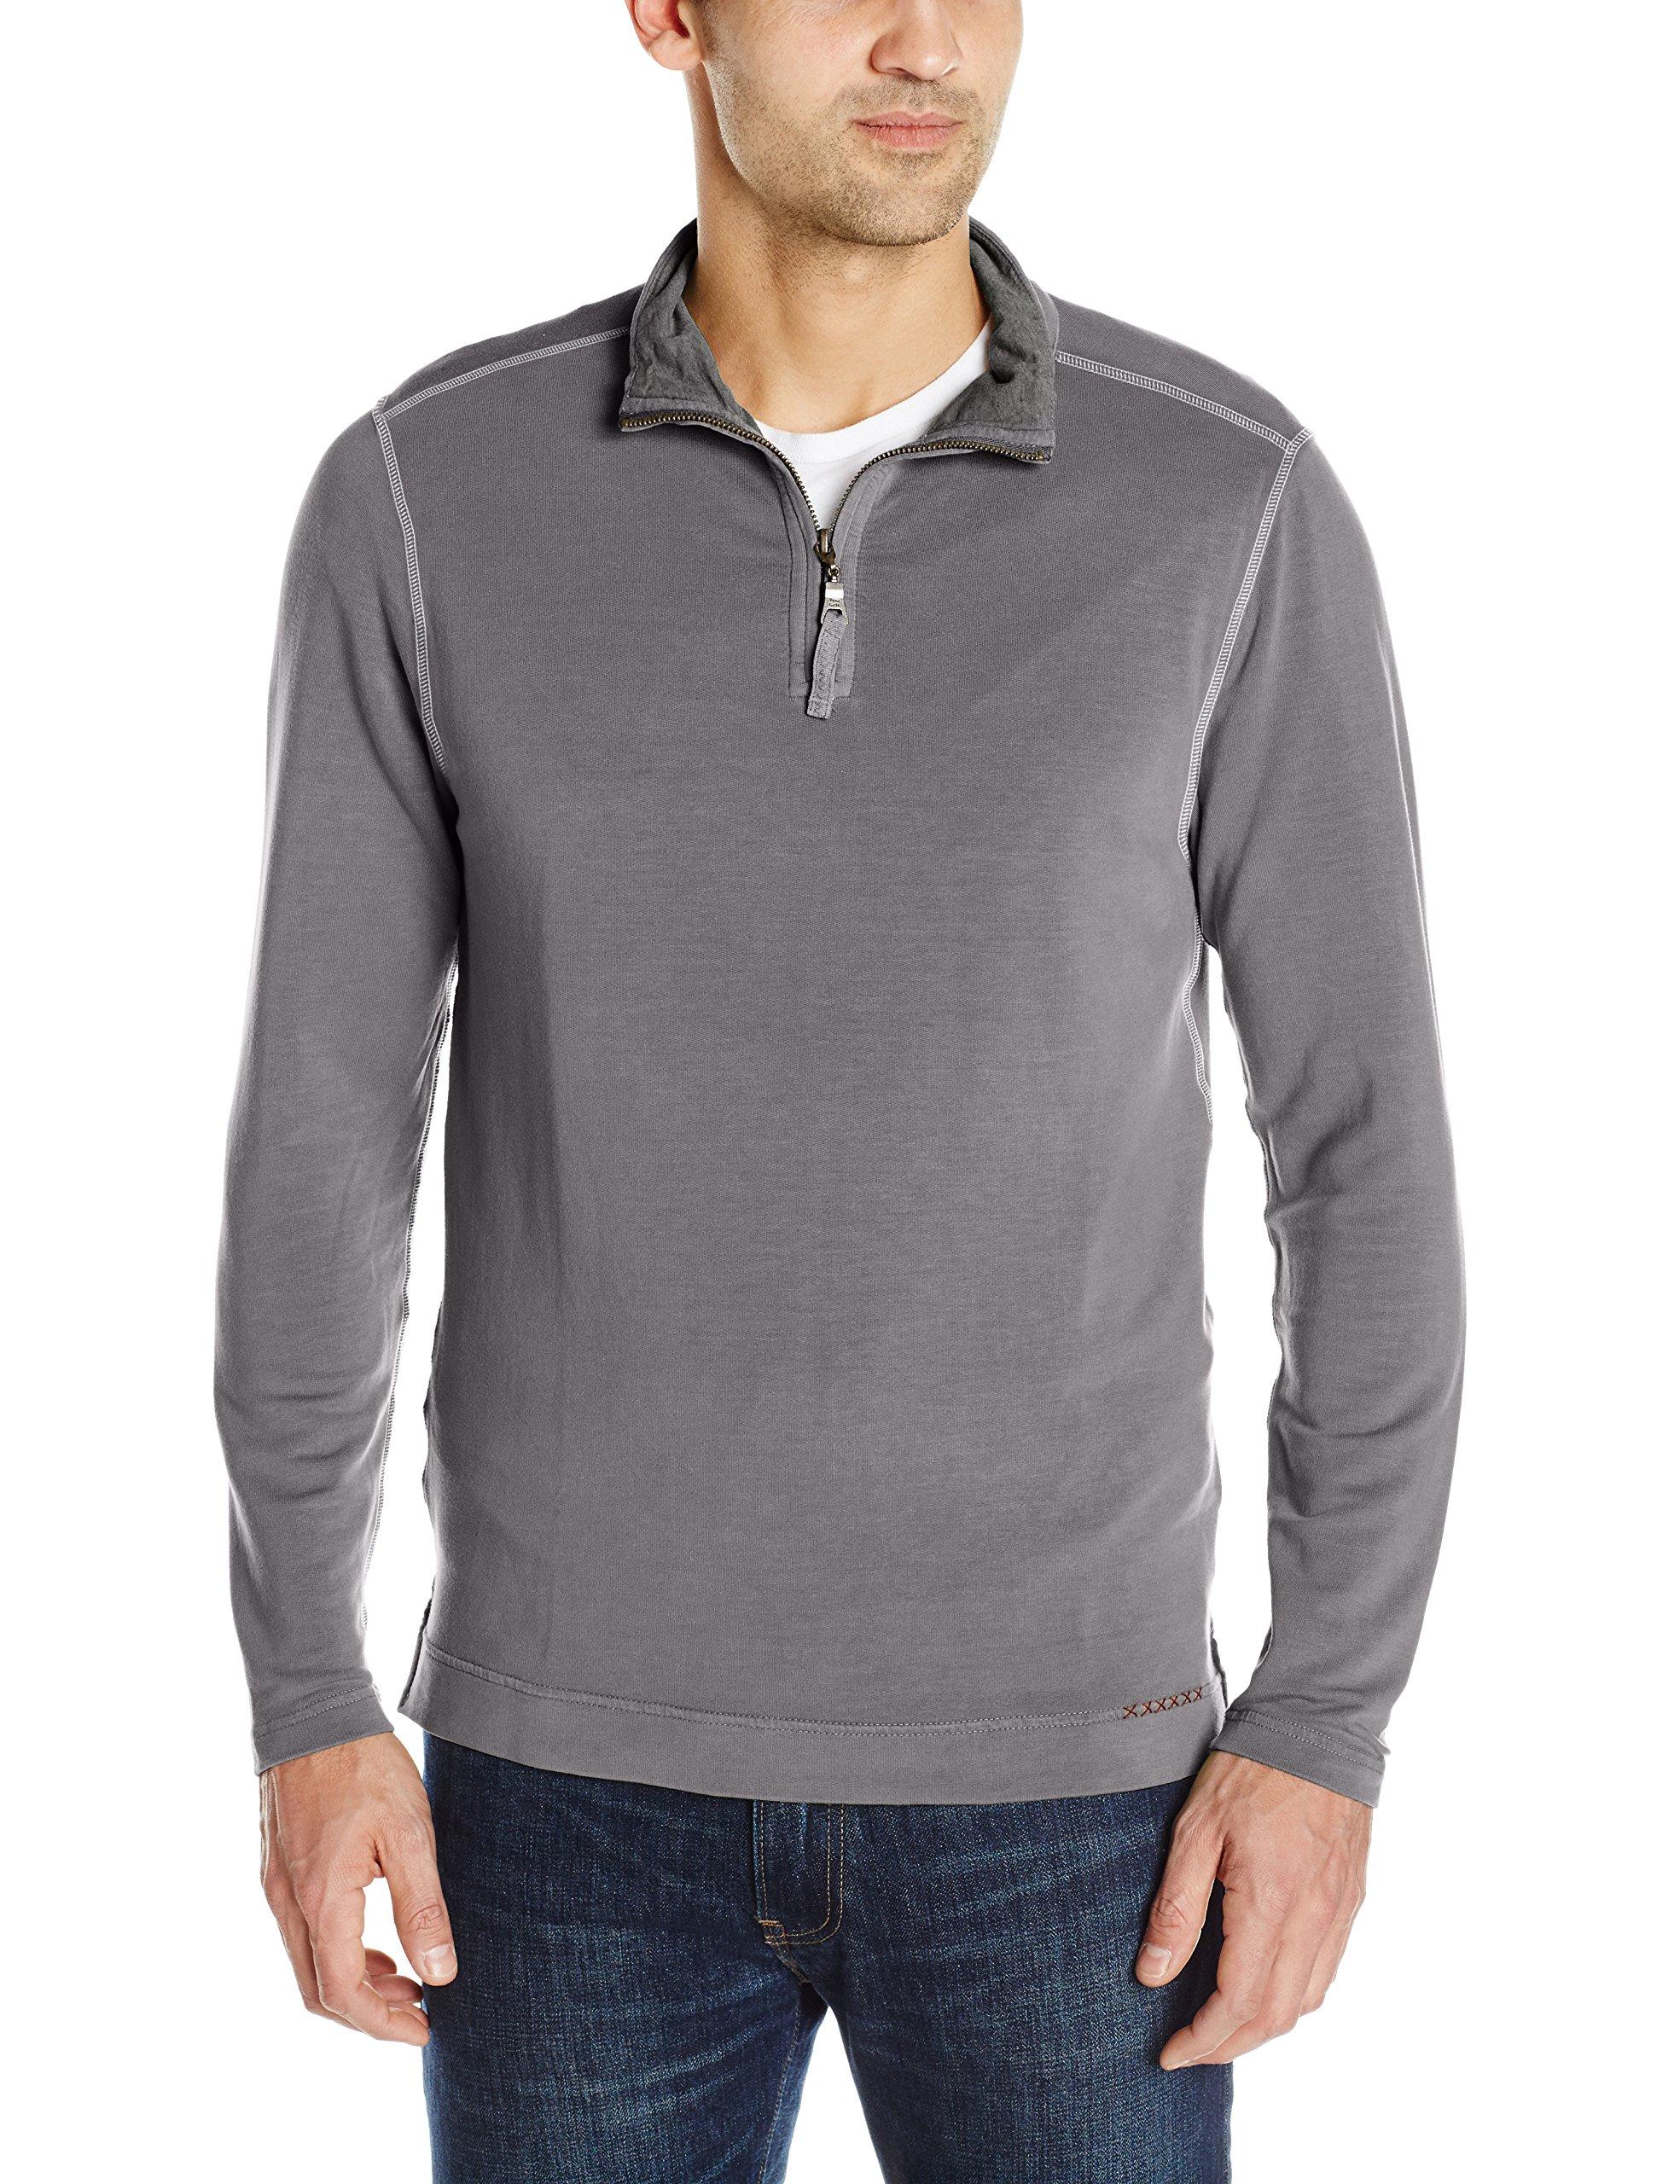 True Grit Men's Light Weight Tencel Half Zip Pullover, Vintage Grey, Large